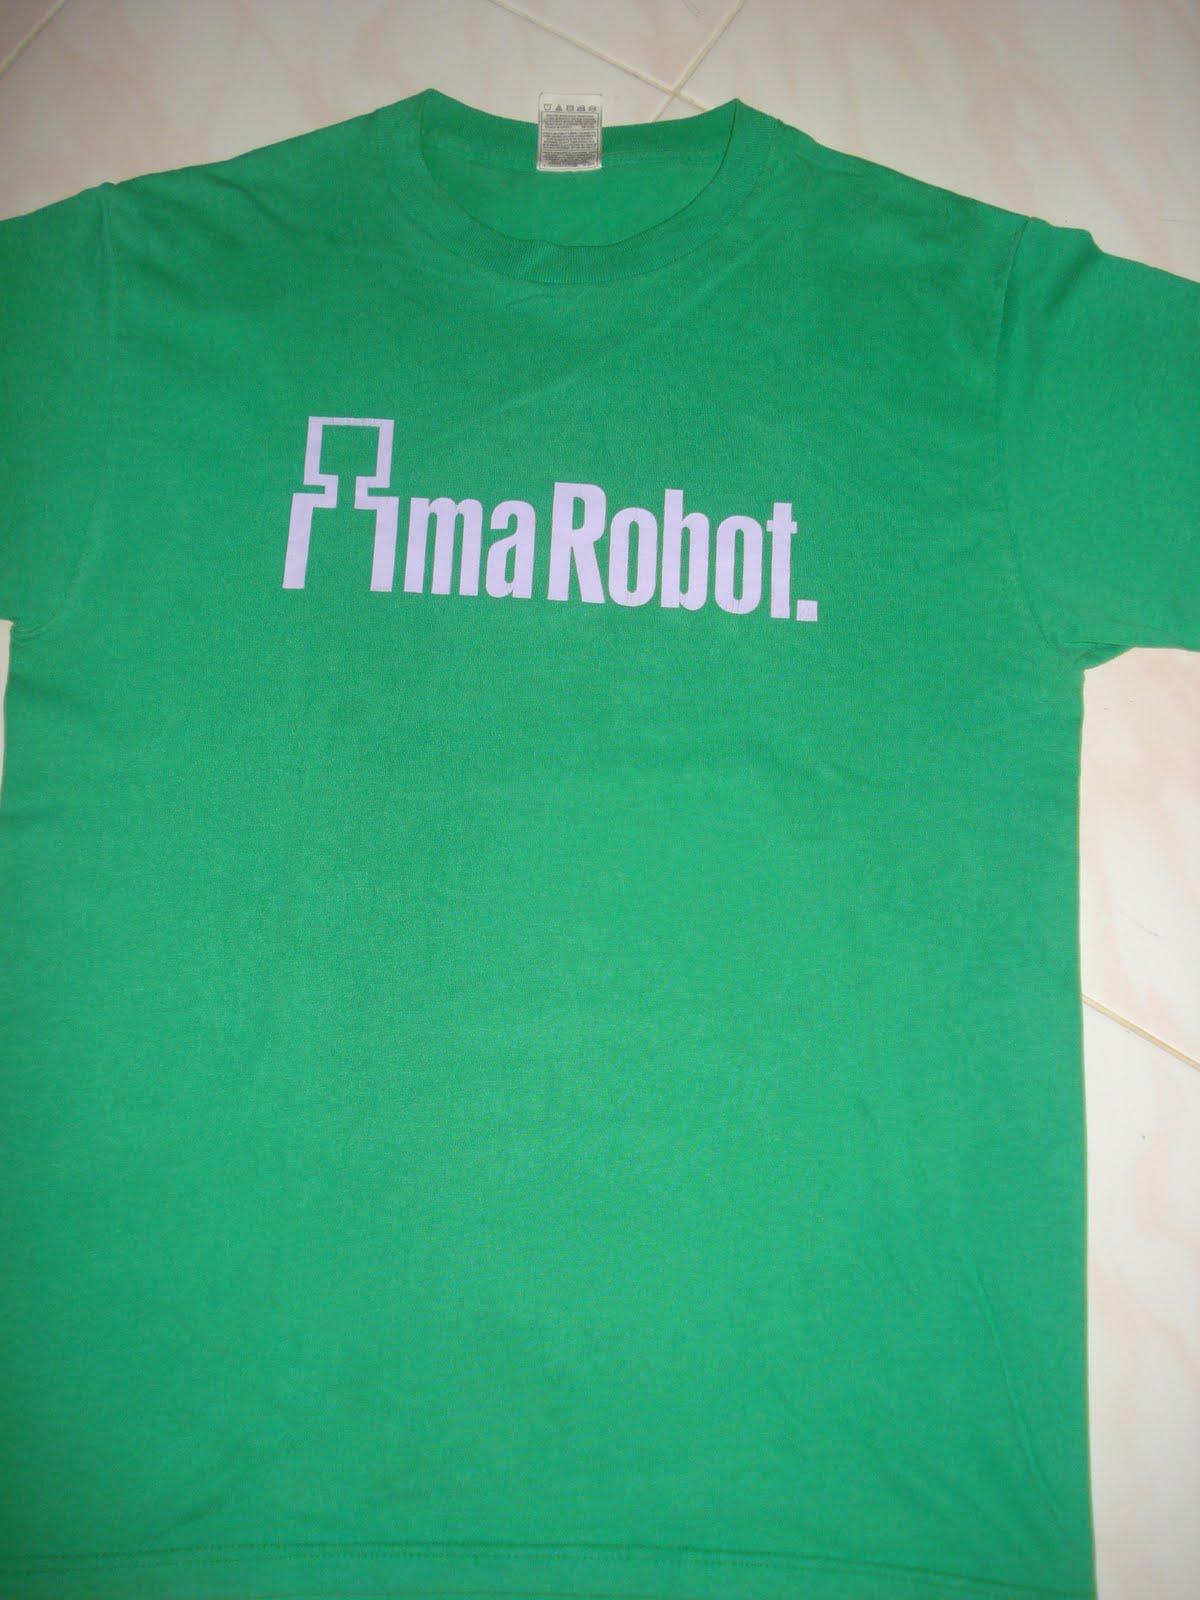 Ima Robot Band ''ima Robot Band '' Shirt